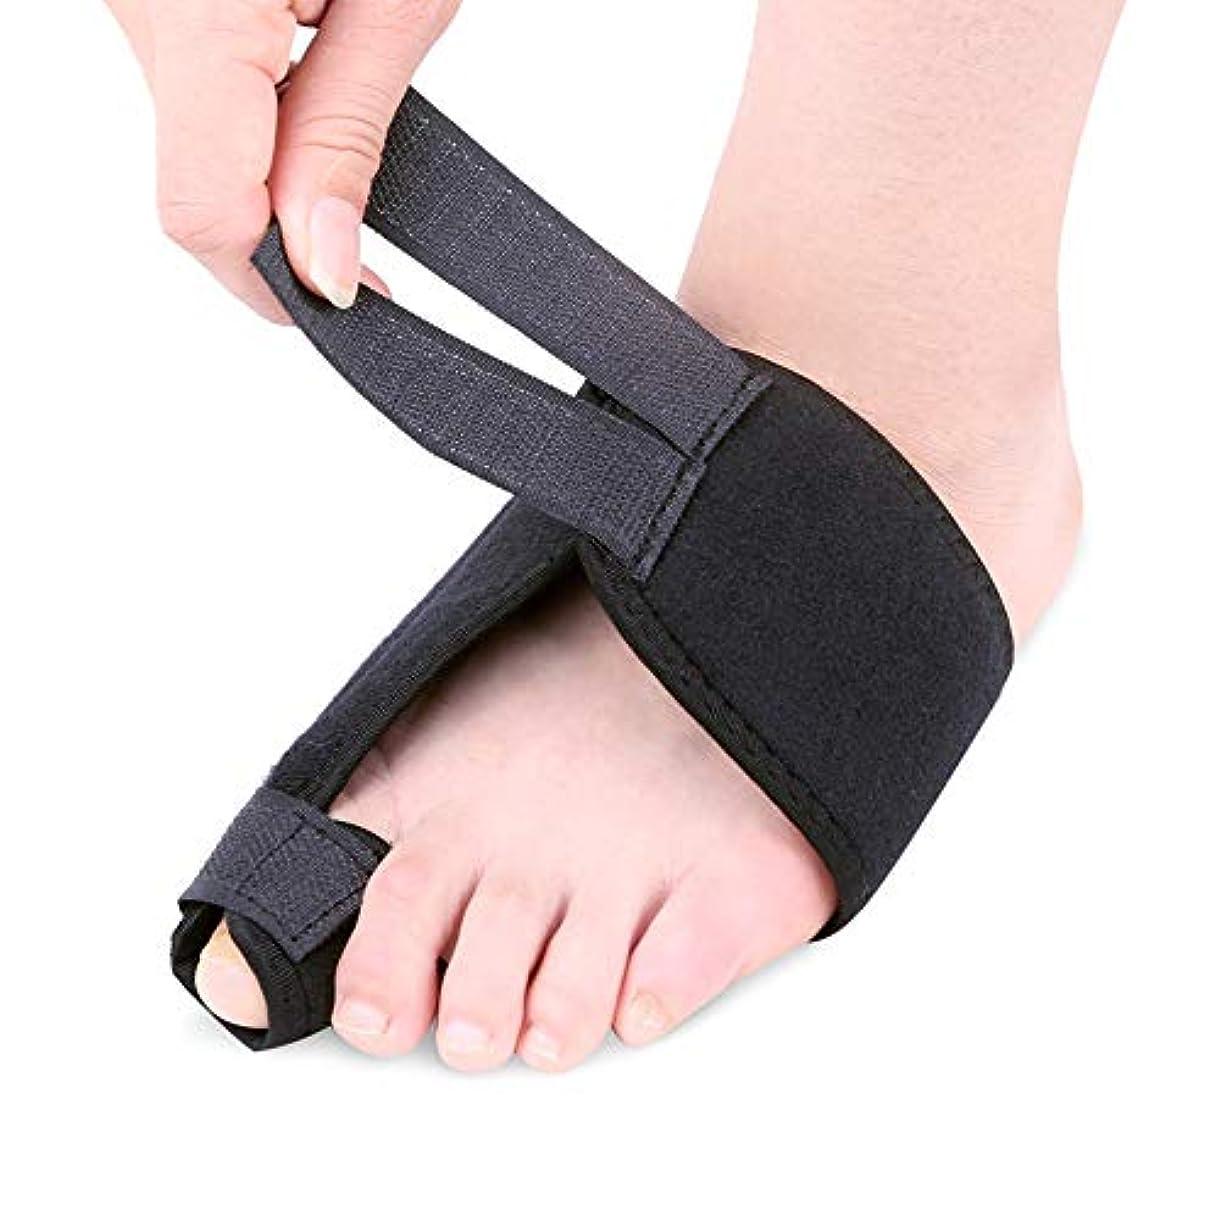 閃光シングルリンス外反母趾足指セパレーターは足指重複嚢胞通気性吸収汗を予防し、ヨガ後の痛みと変形を軽減,M